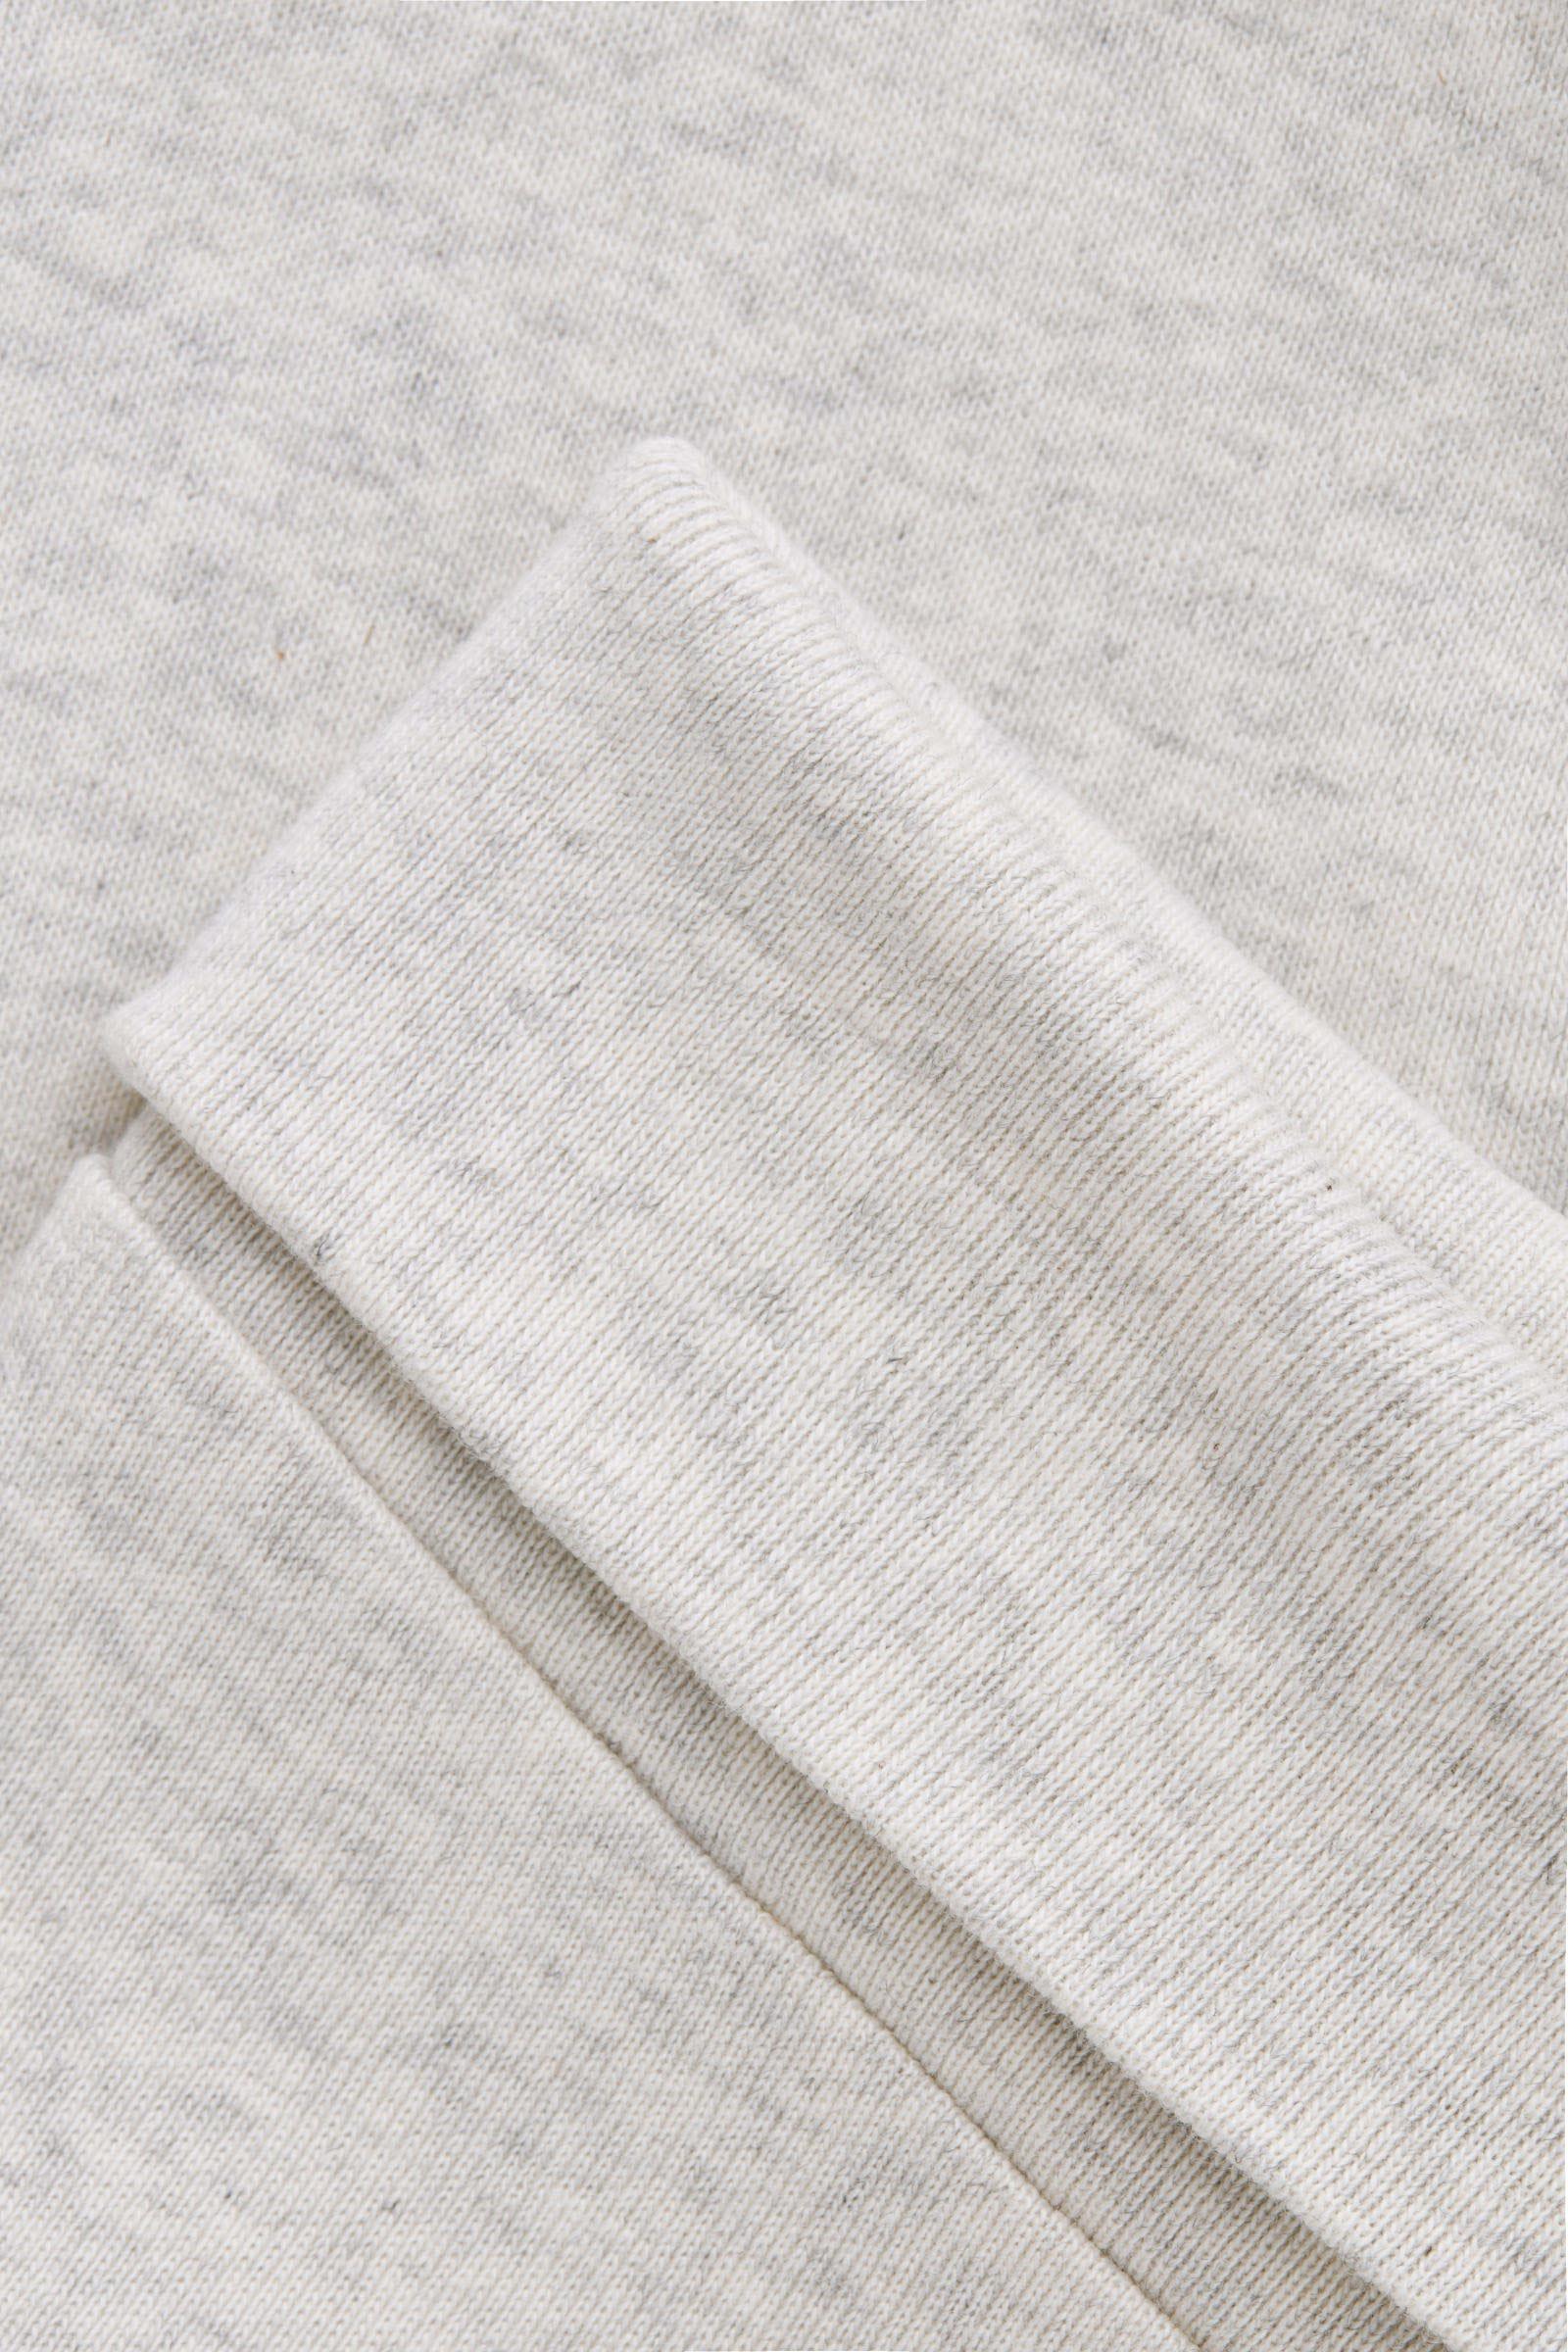 COS 멜란지 오가닉 코튼 트라우저의 라이트 그레이 멜란지컬러 Product입니다.